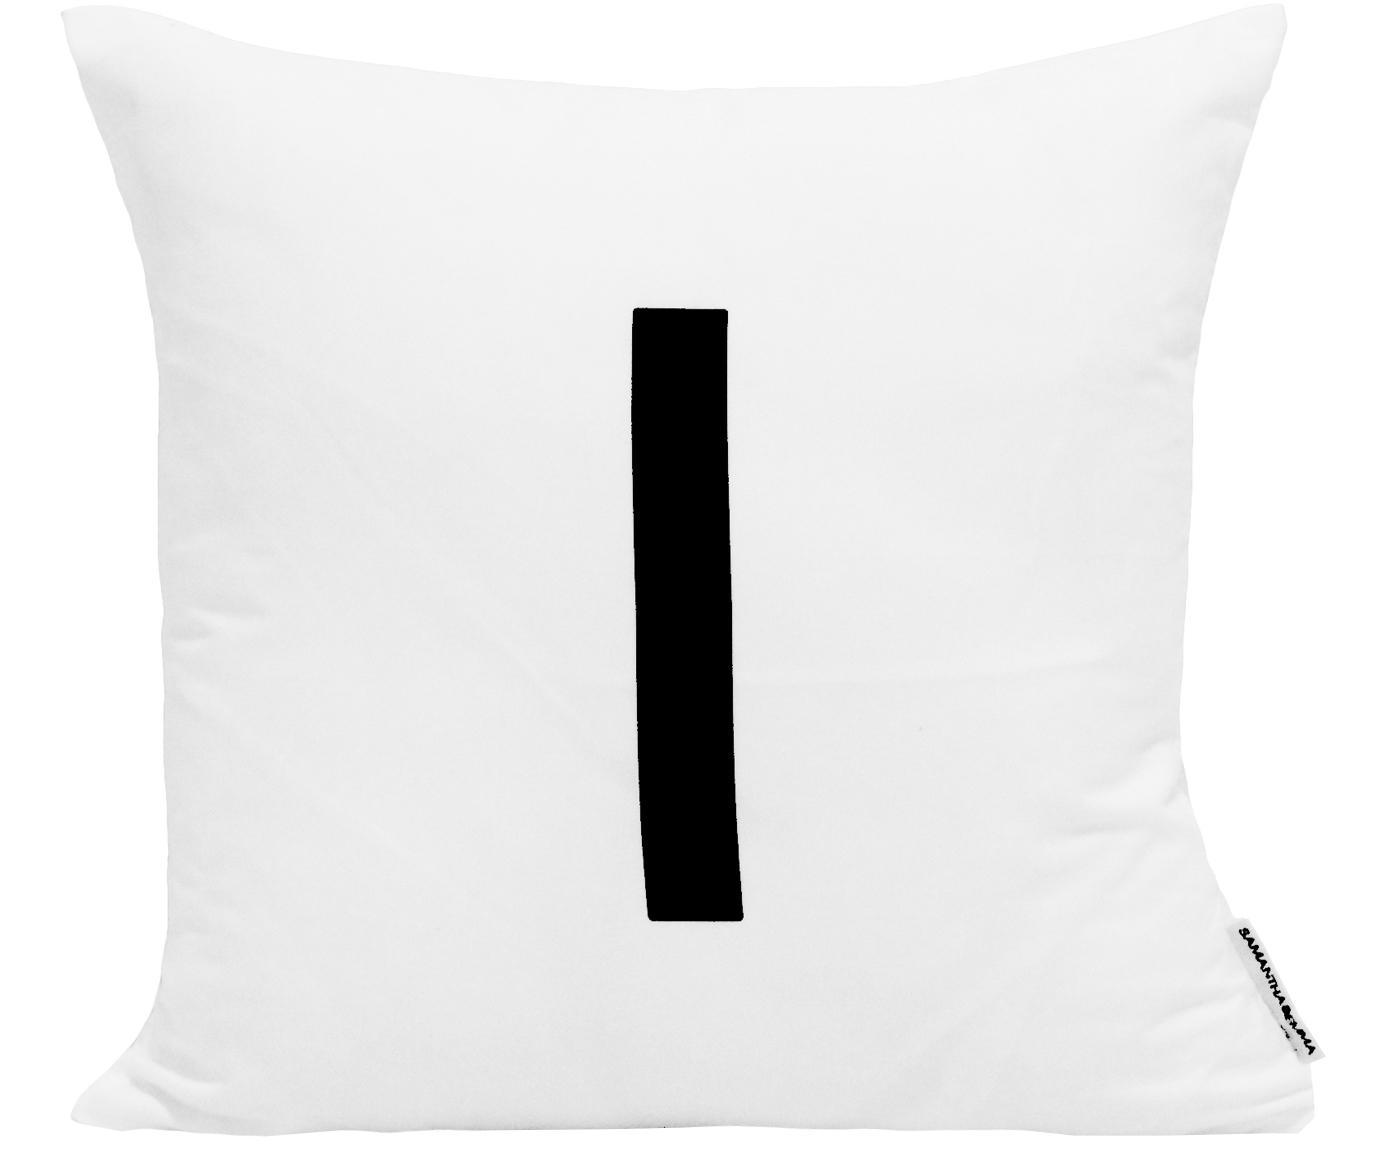 Poszewka na poduszkę Alphabet (warianty od A do Z), Poliester, Czarny, biały, Poszewka na poduszkę I